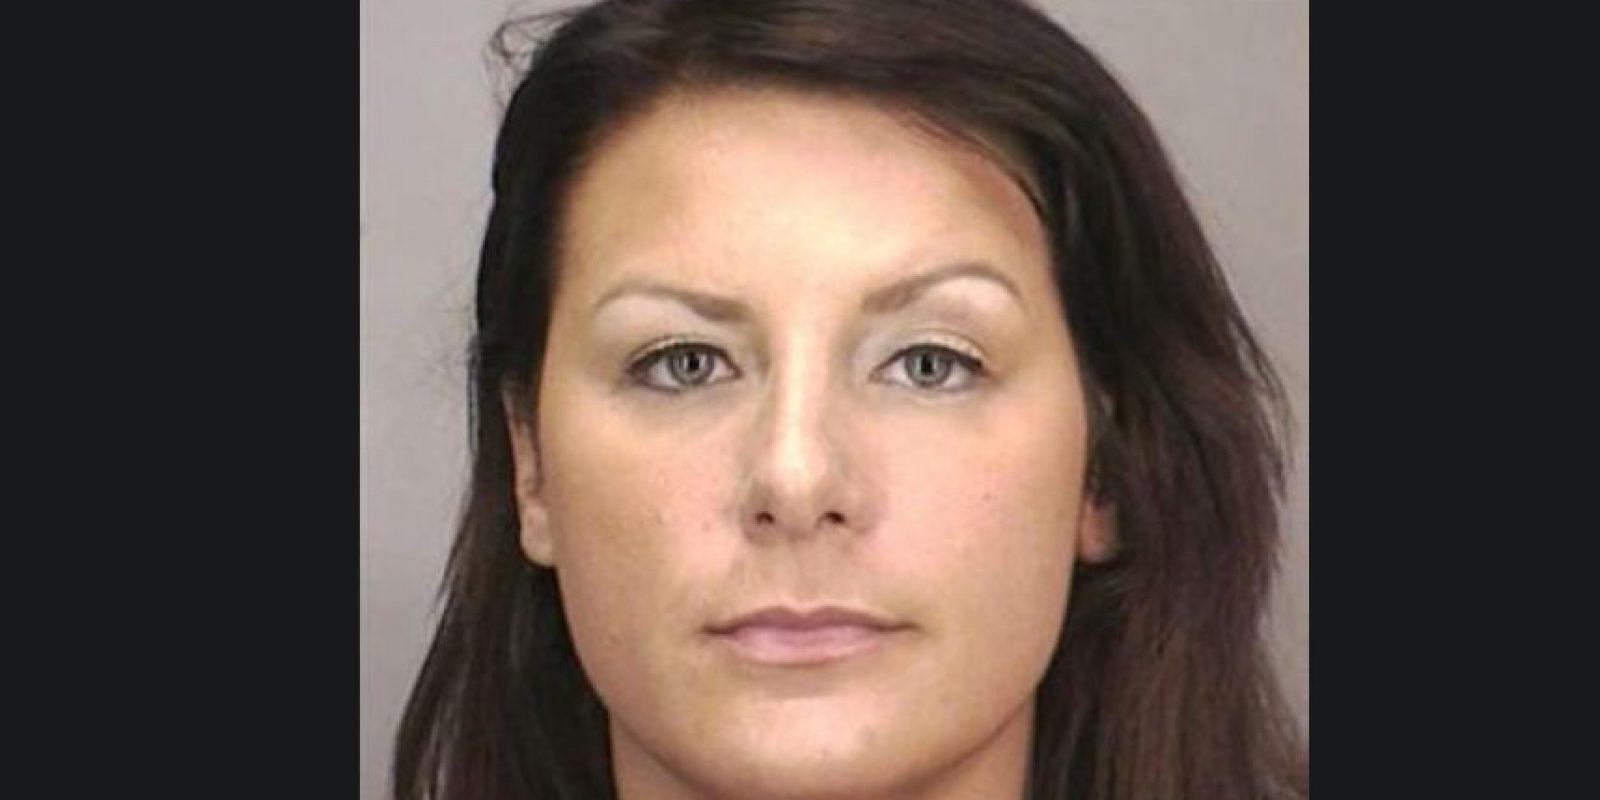 Tara Driscoll fue arrestada por tener relaciones sexuales con un estudiante menor de edad en un motel de Nueva York Foto:Nassau County Police Department